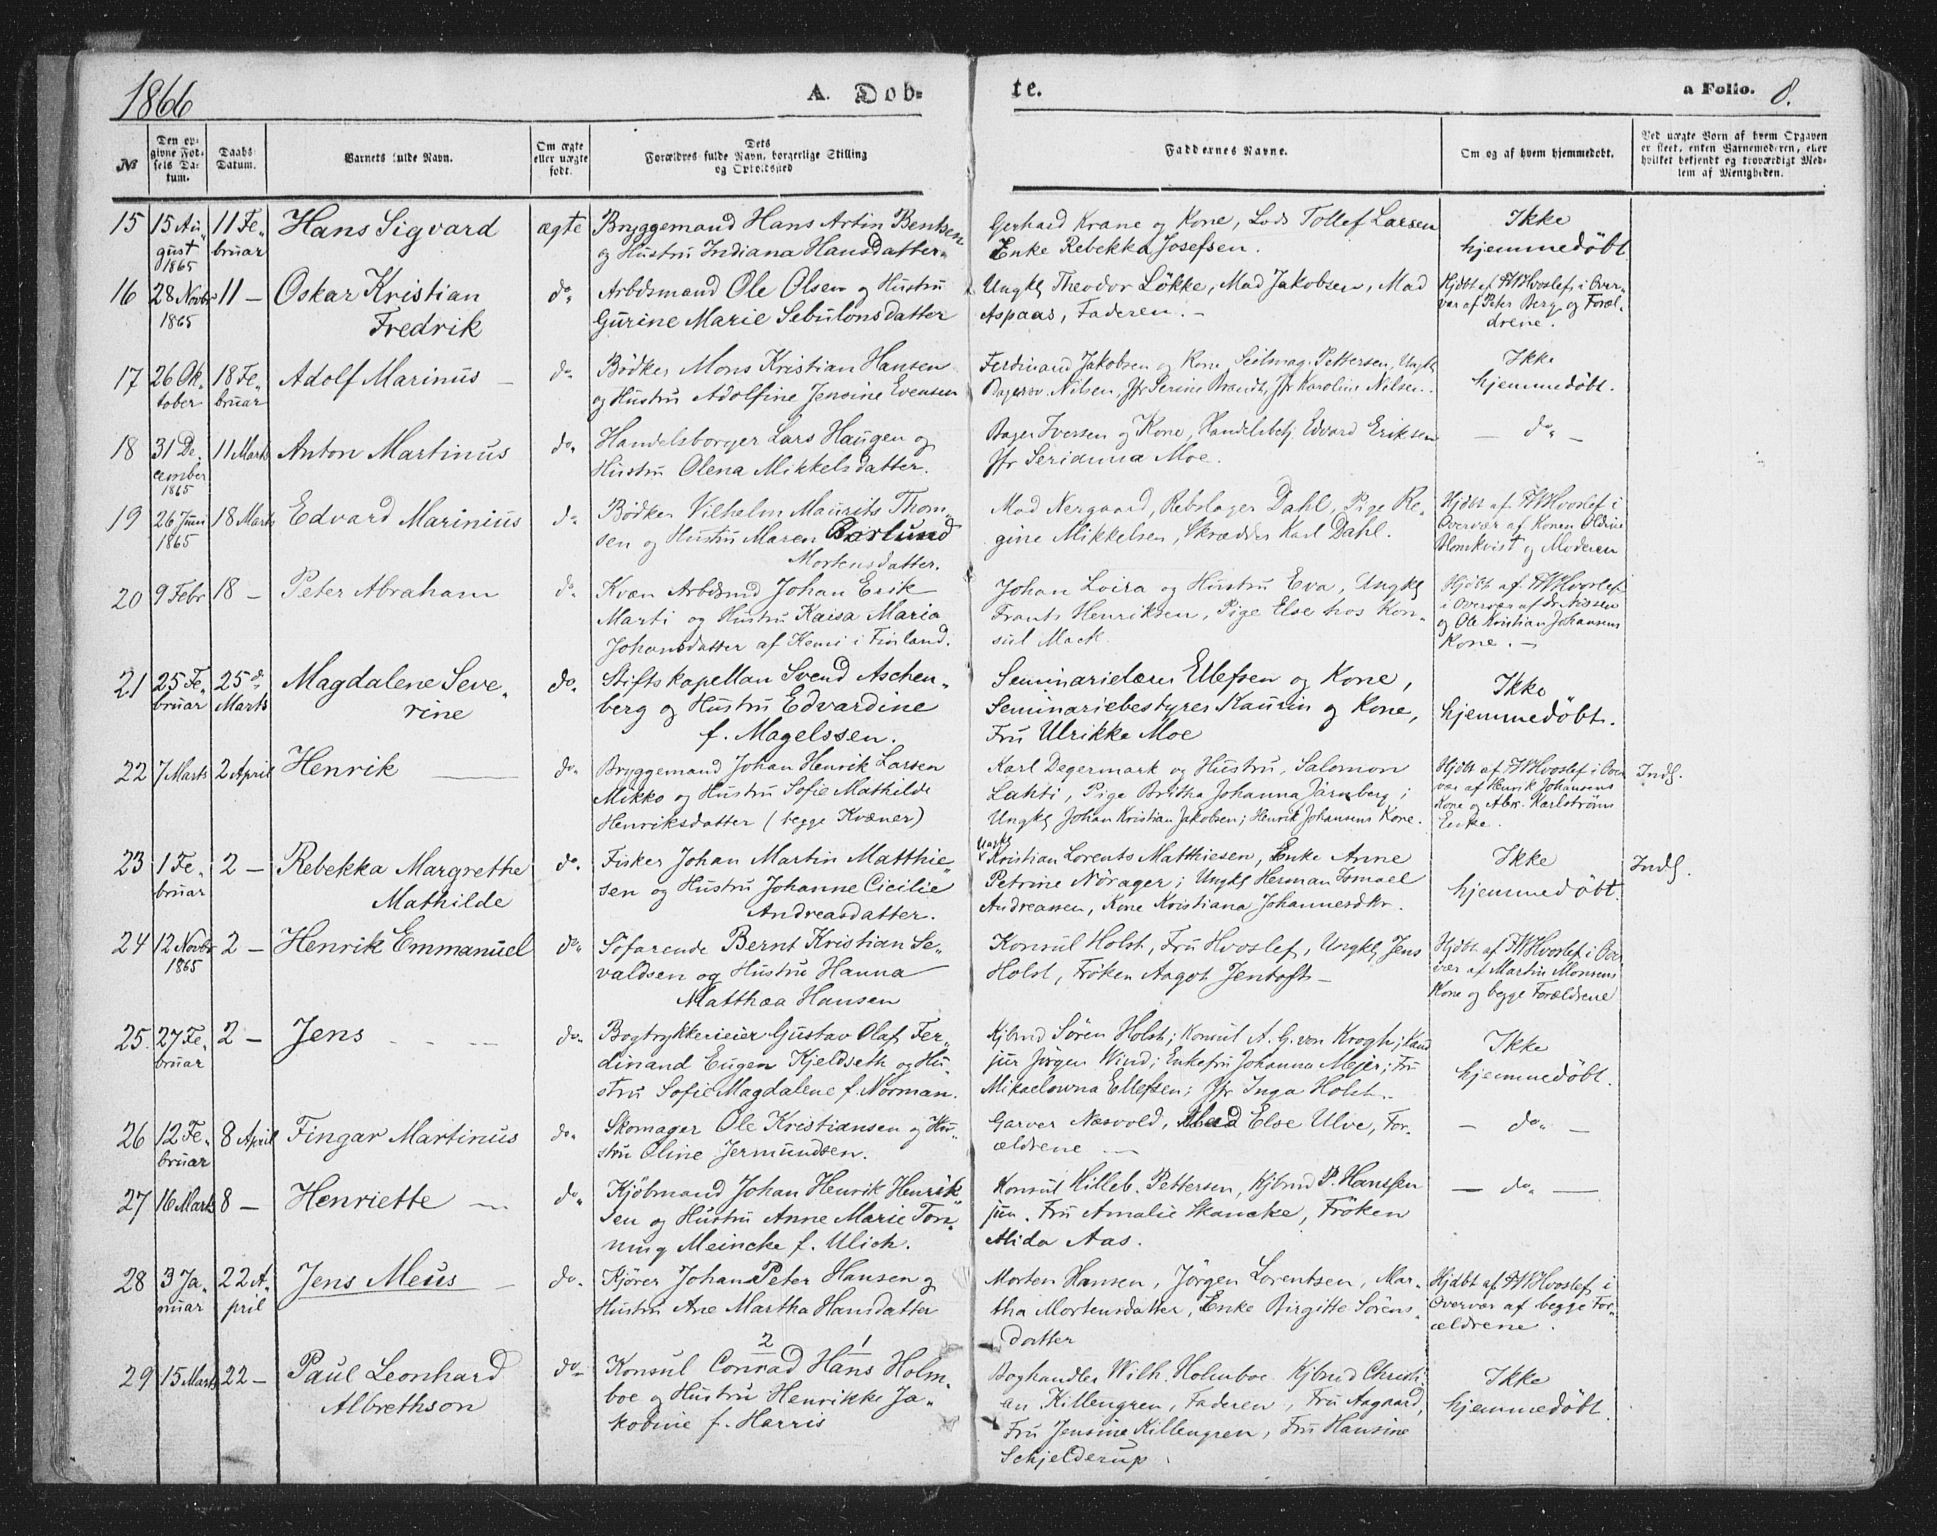 SATØ, Tromsø sokneprestkontor/stiftsprosti/domprosti, G/Ga/L0012kirke: Ministerialbok nr. 12, 1865-1871, s. 8